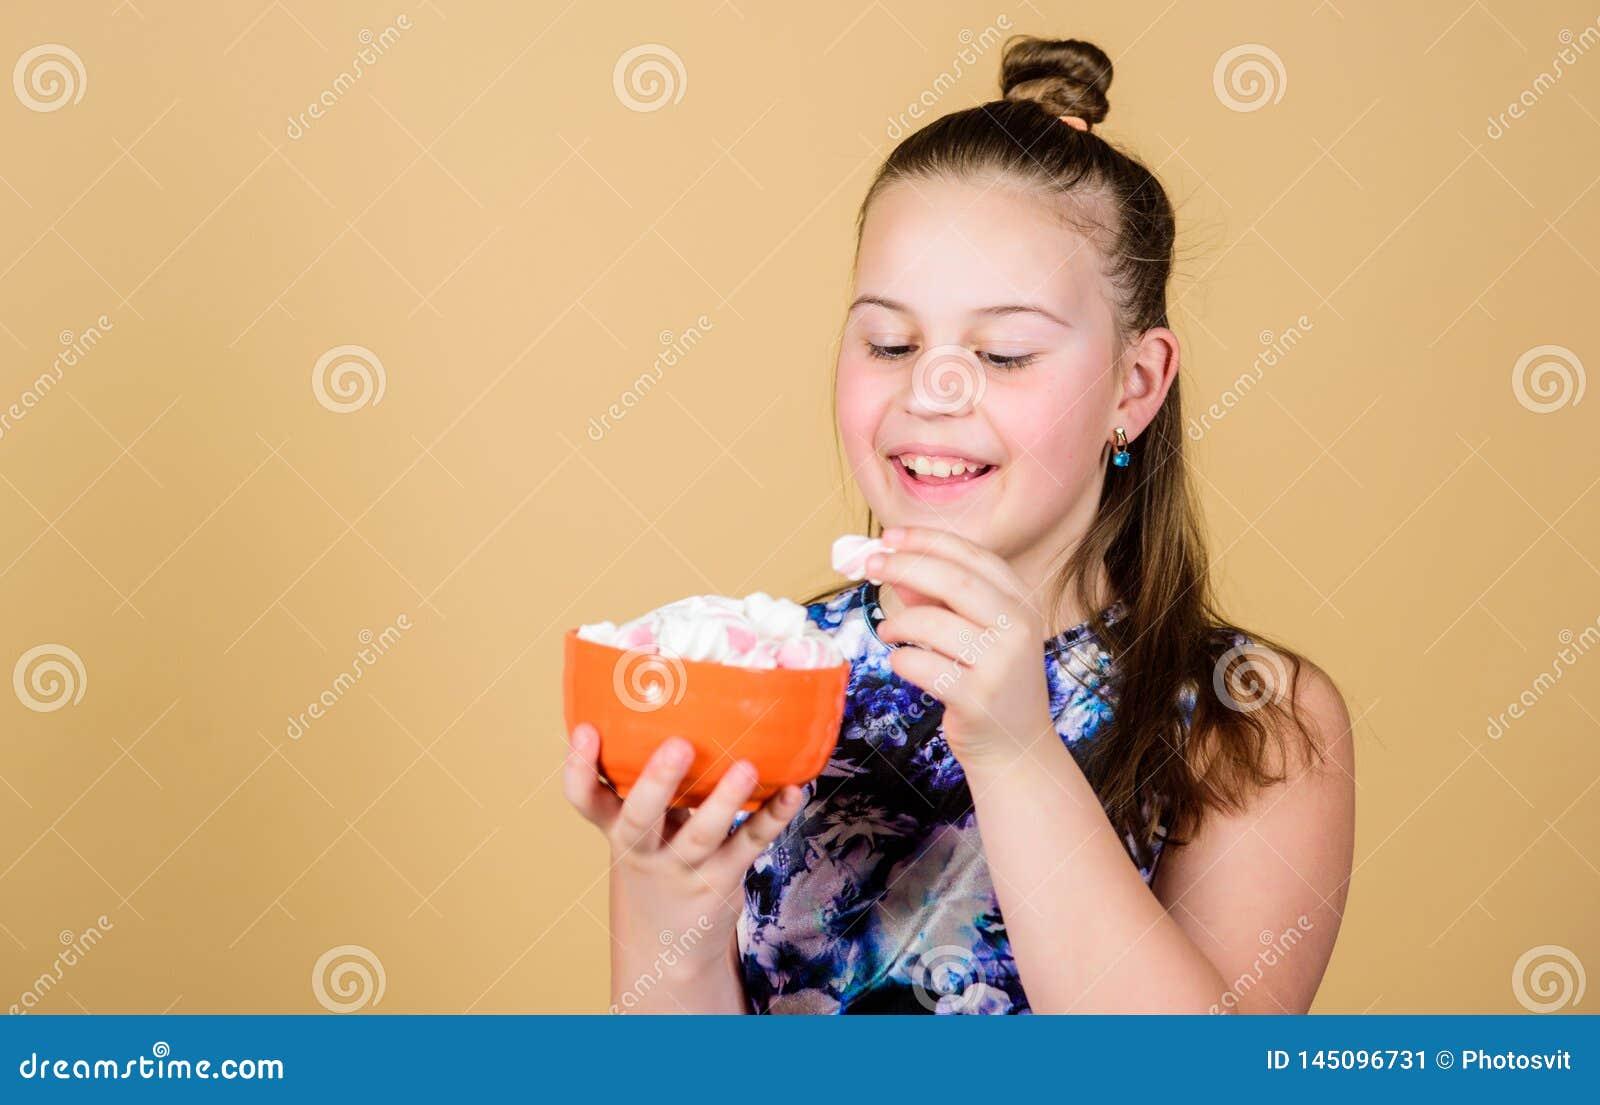 Heemst De Suikergoedwinkel Gezond voedsel en tandzorg Het op dieet zijn en calorie Zoet tandconcept Het kleine meisje eet